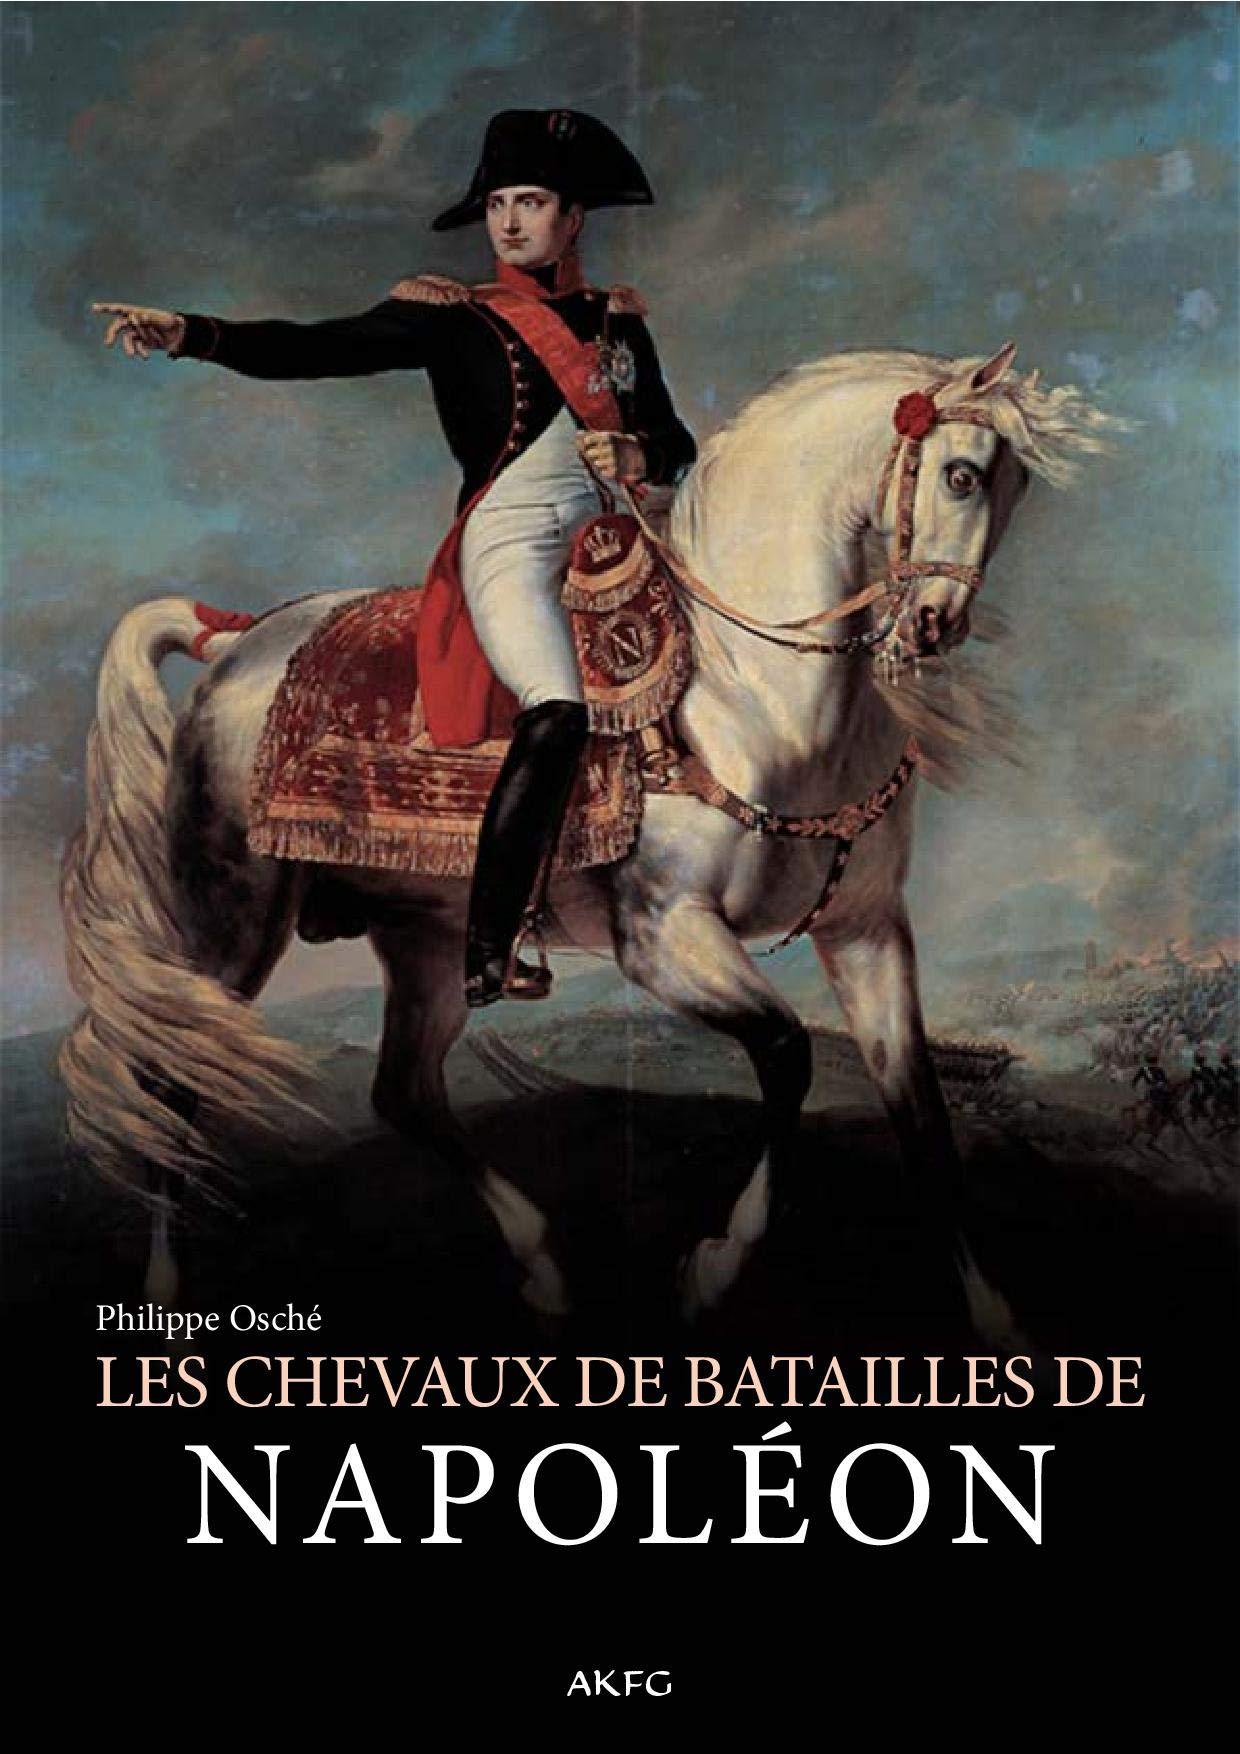 Les chevaux de batailles de Napoléon: Amazon.es: Osché, Philippe, Arnauld des Lions, Jérôme: Libros en idiomas extranjeros